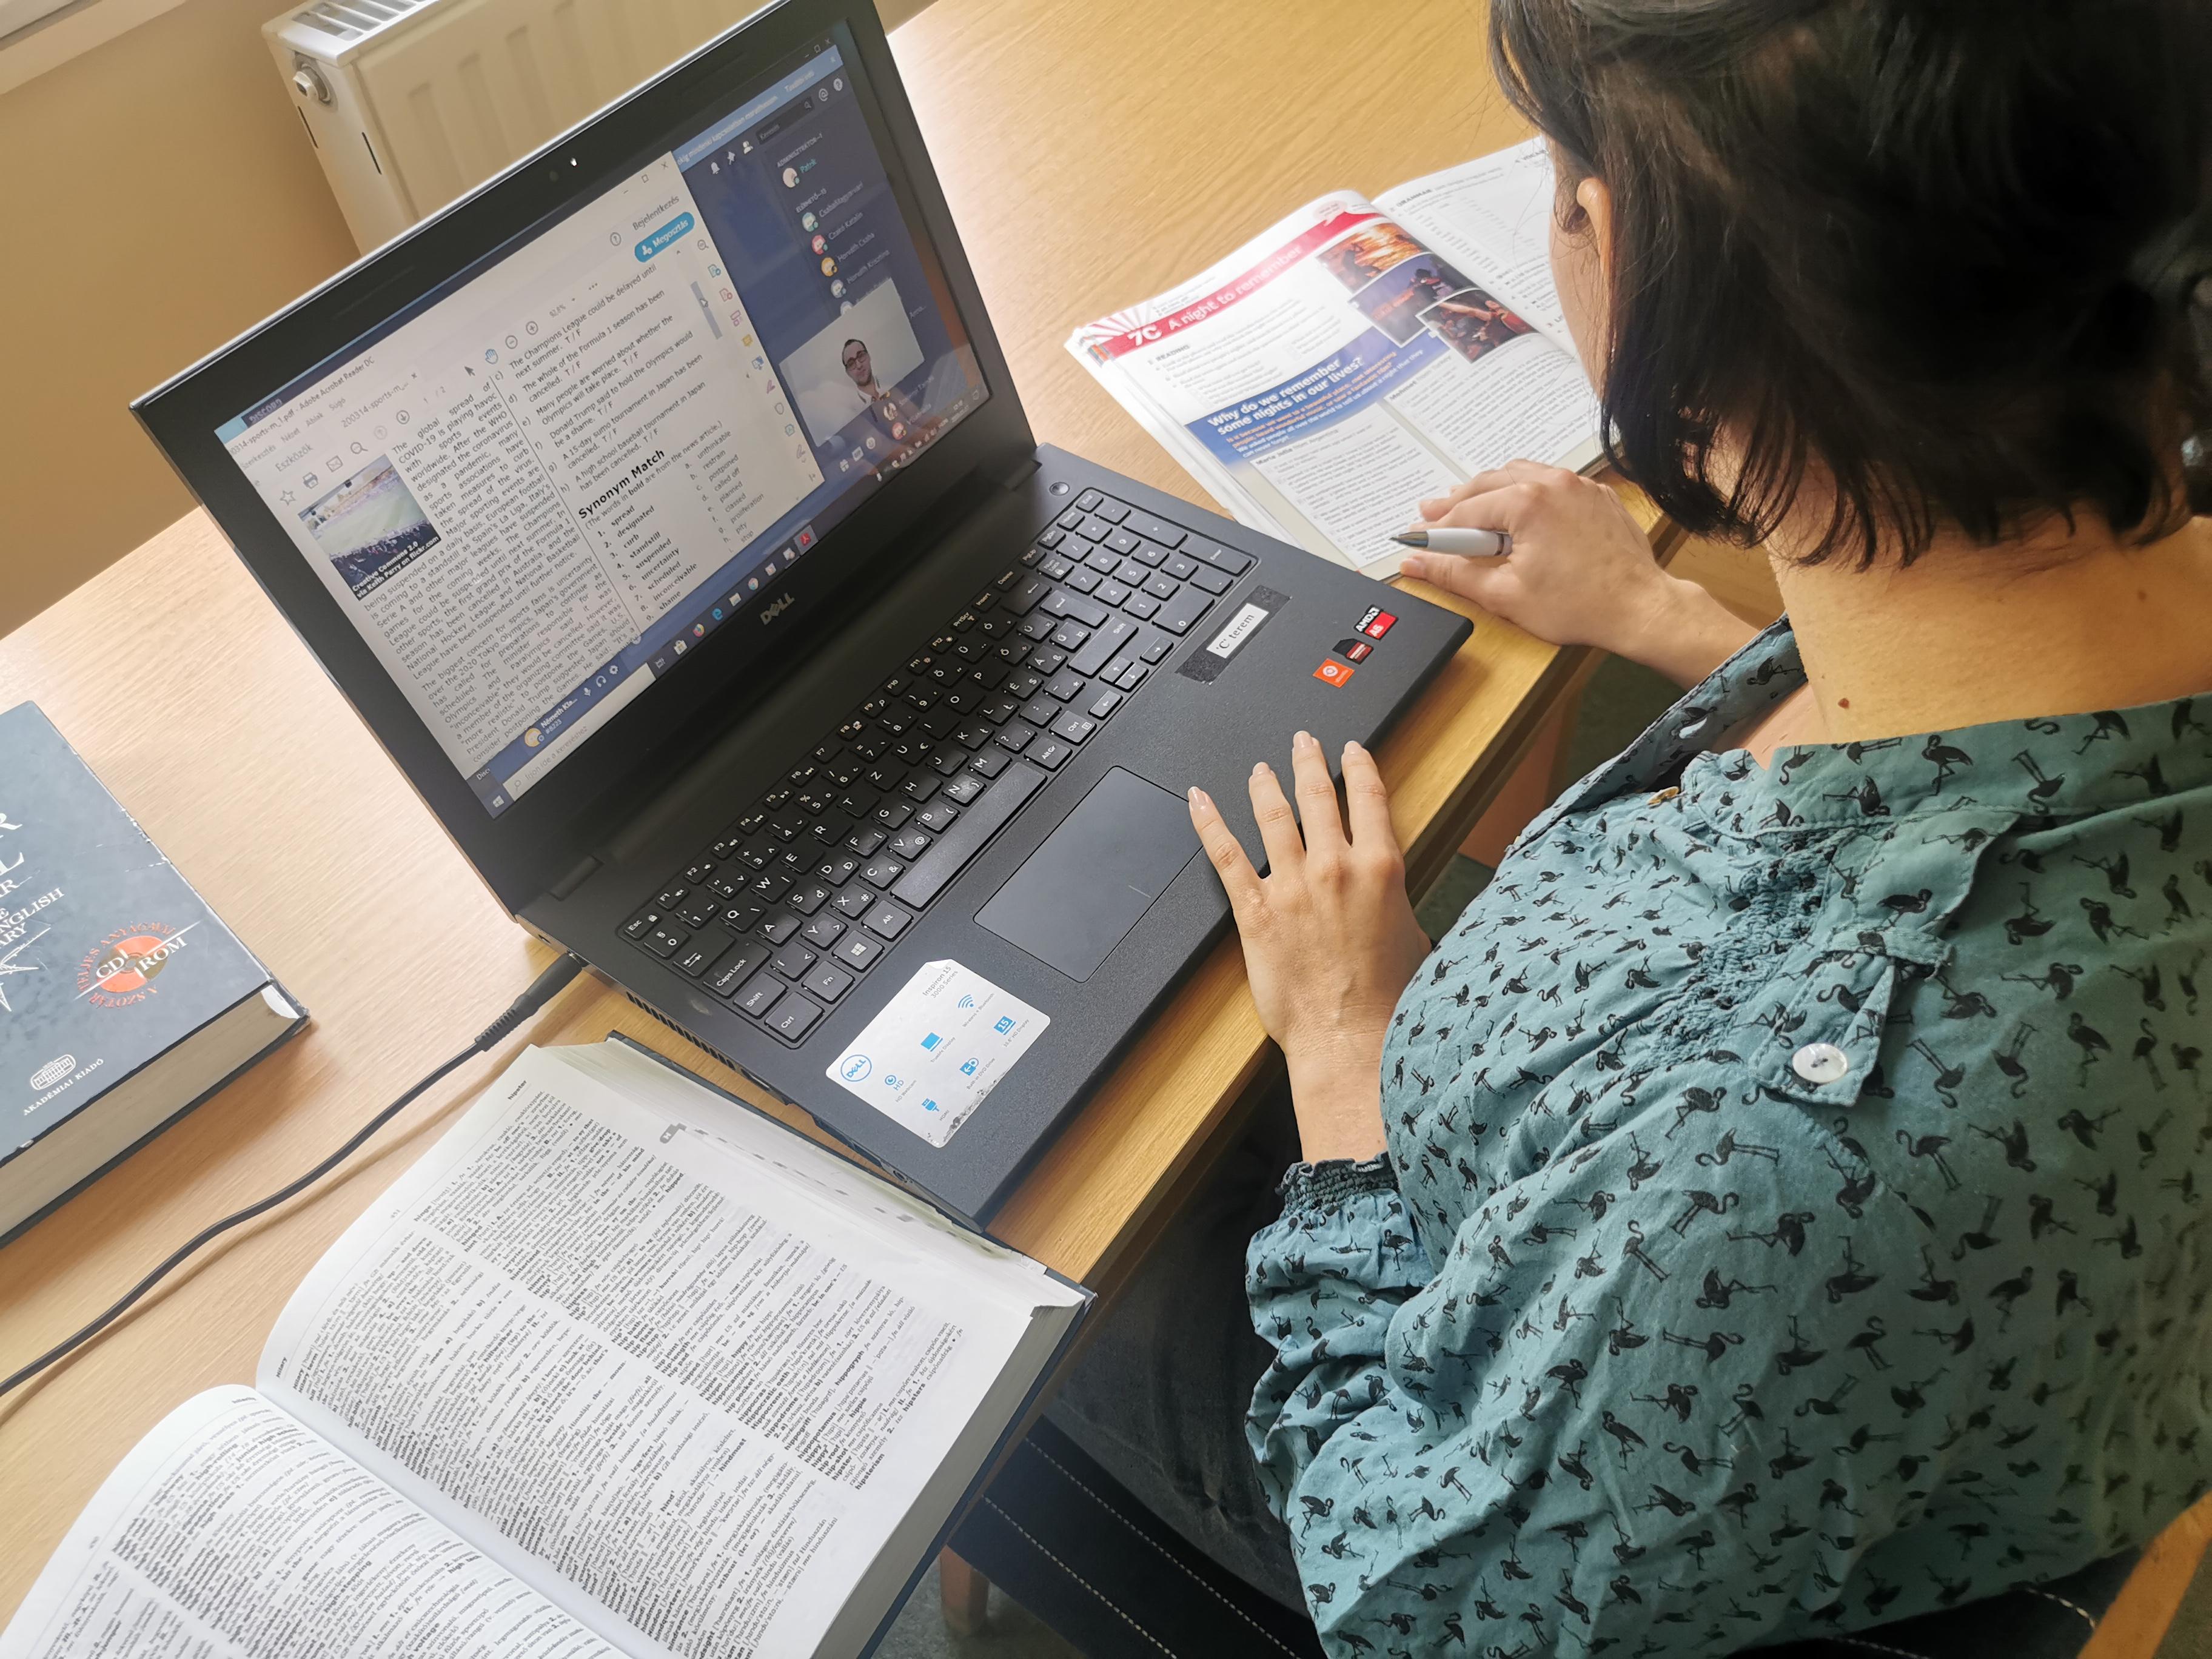 Oxford Nyelviskola: Kontakt helyett online – alternatív lehetőség a nyelvoktatásra